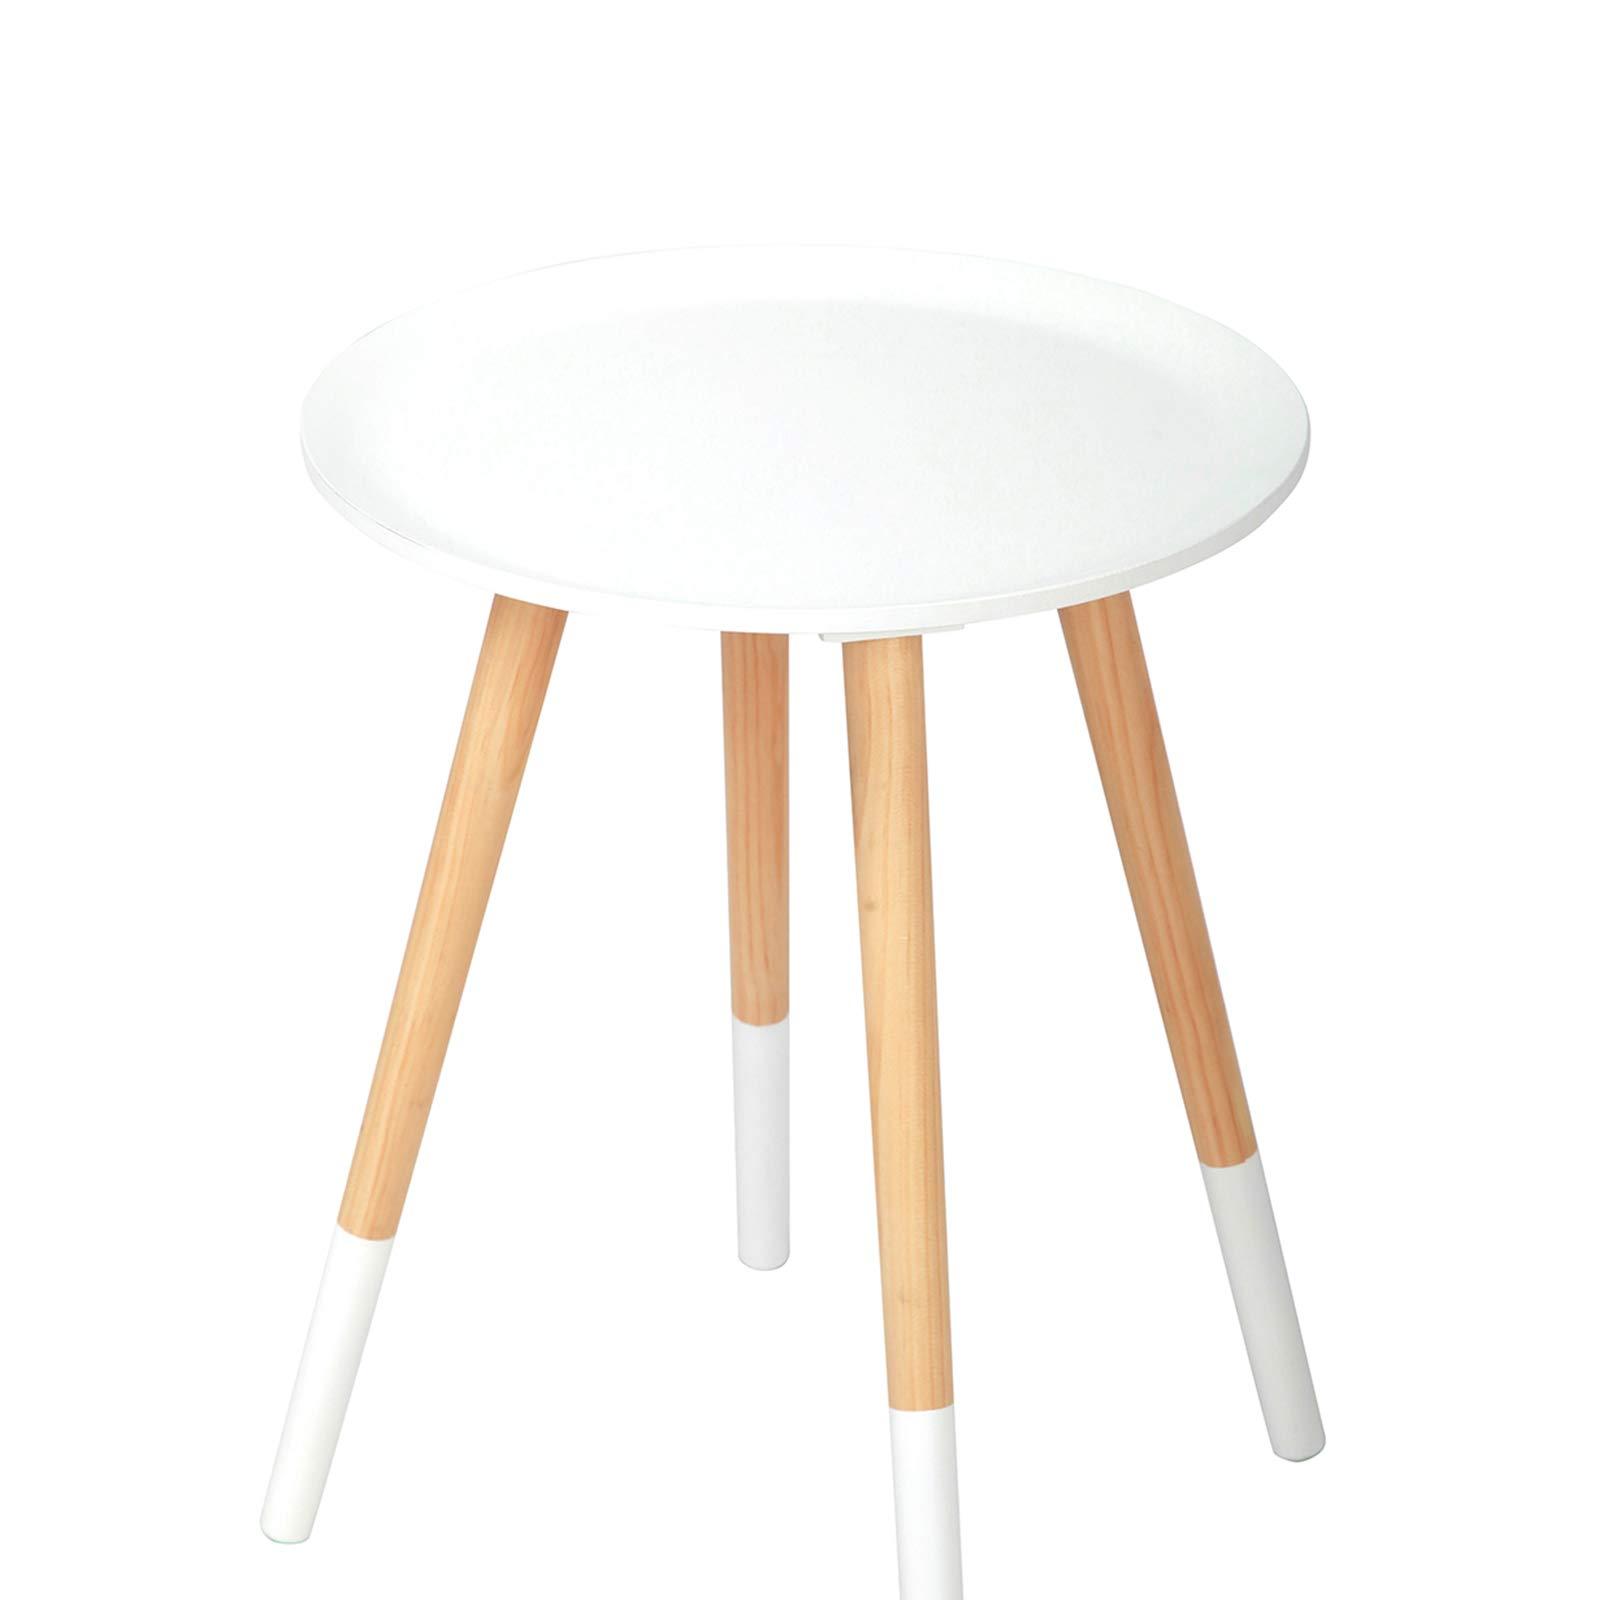 Camera da Letto Bianco//Naturale 1 pz HxD 46x38 Gambe in Legno Design Scandinavo Relaxdays Tavolino Rotondo pannelli MDF con Tiretto